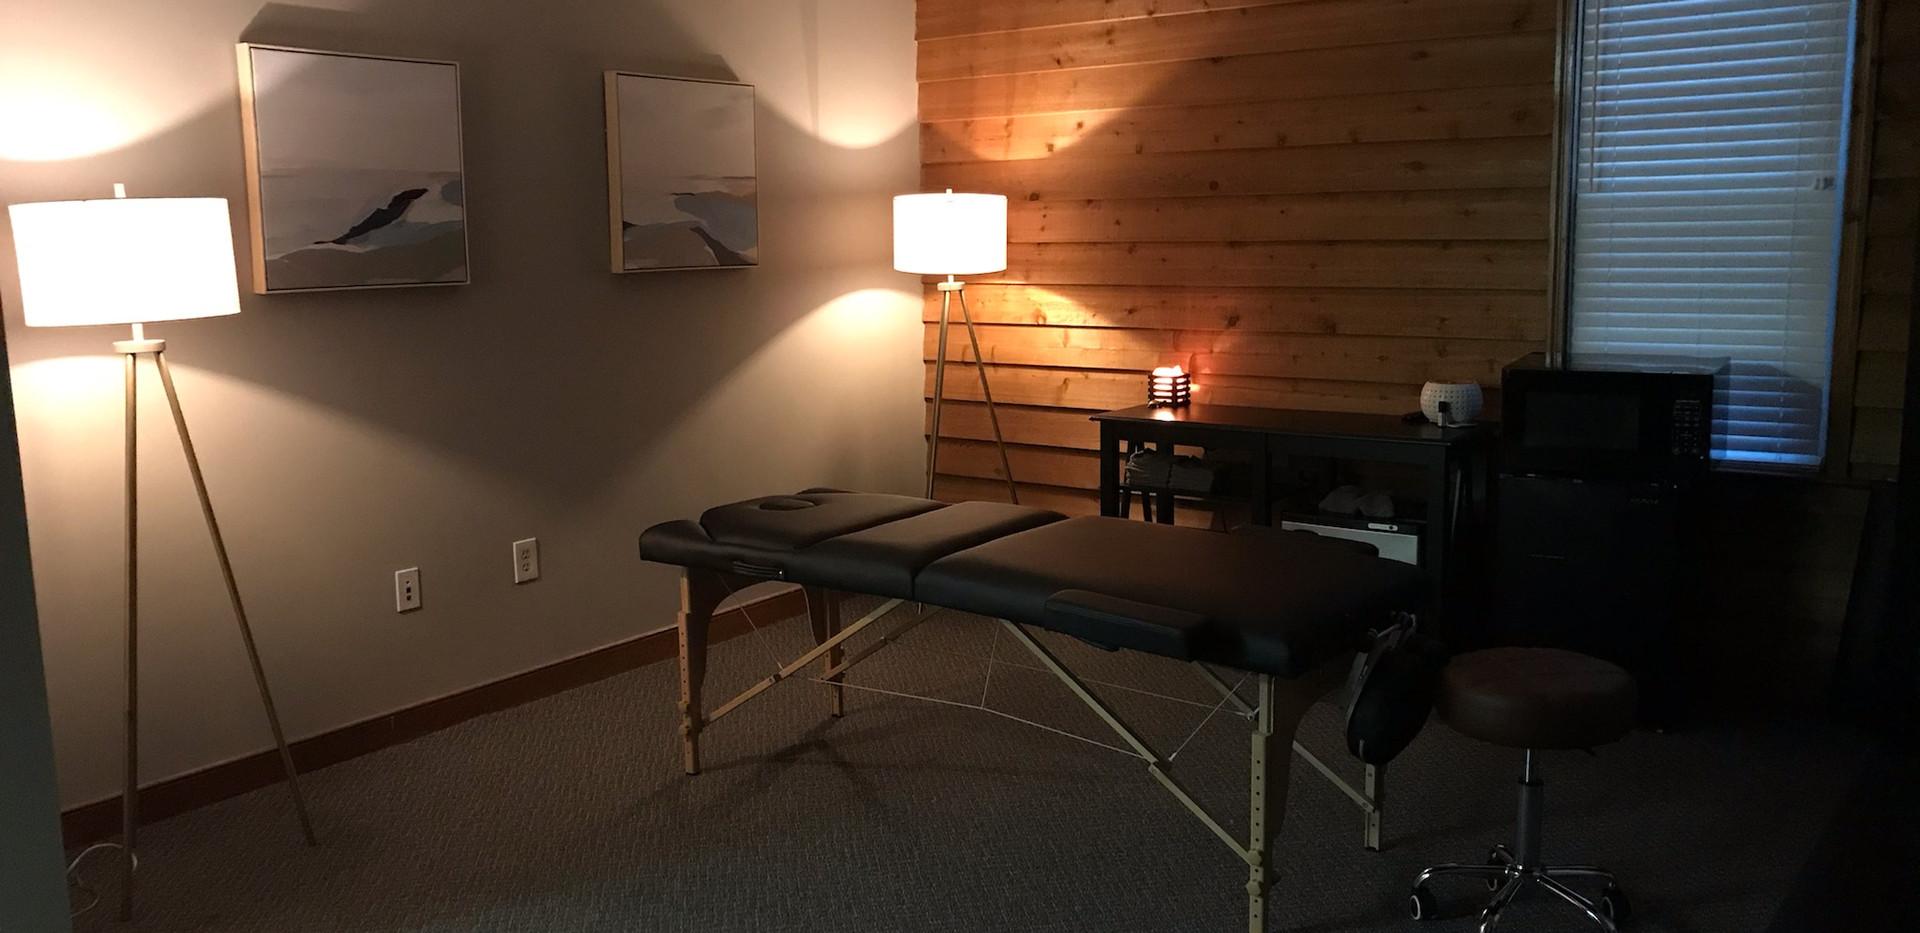 Office 2020 Full Table Dim Lights.jpg